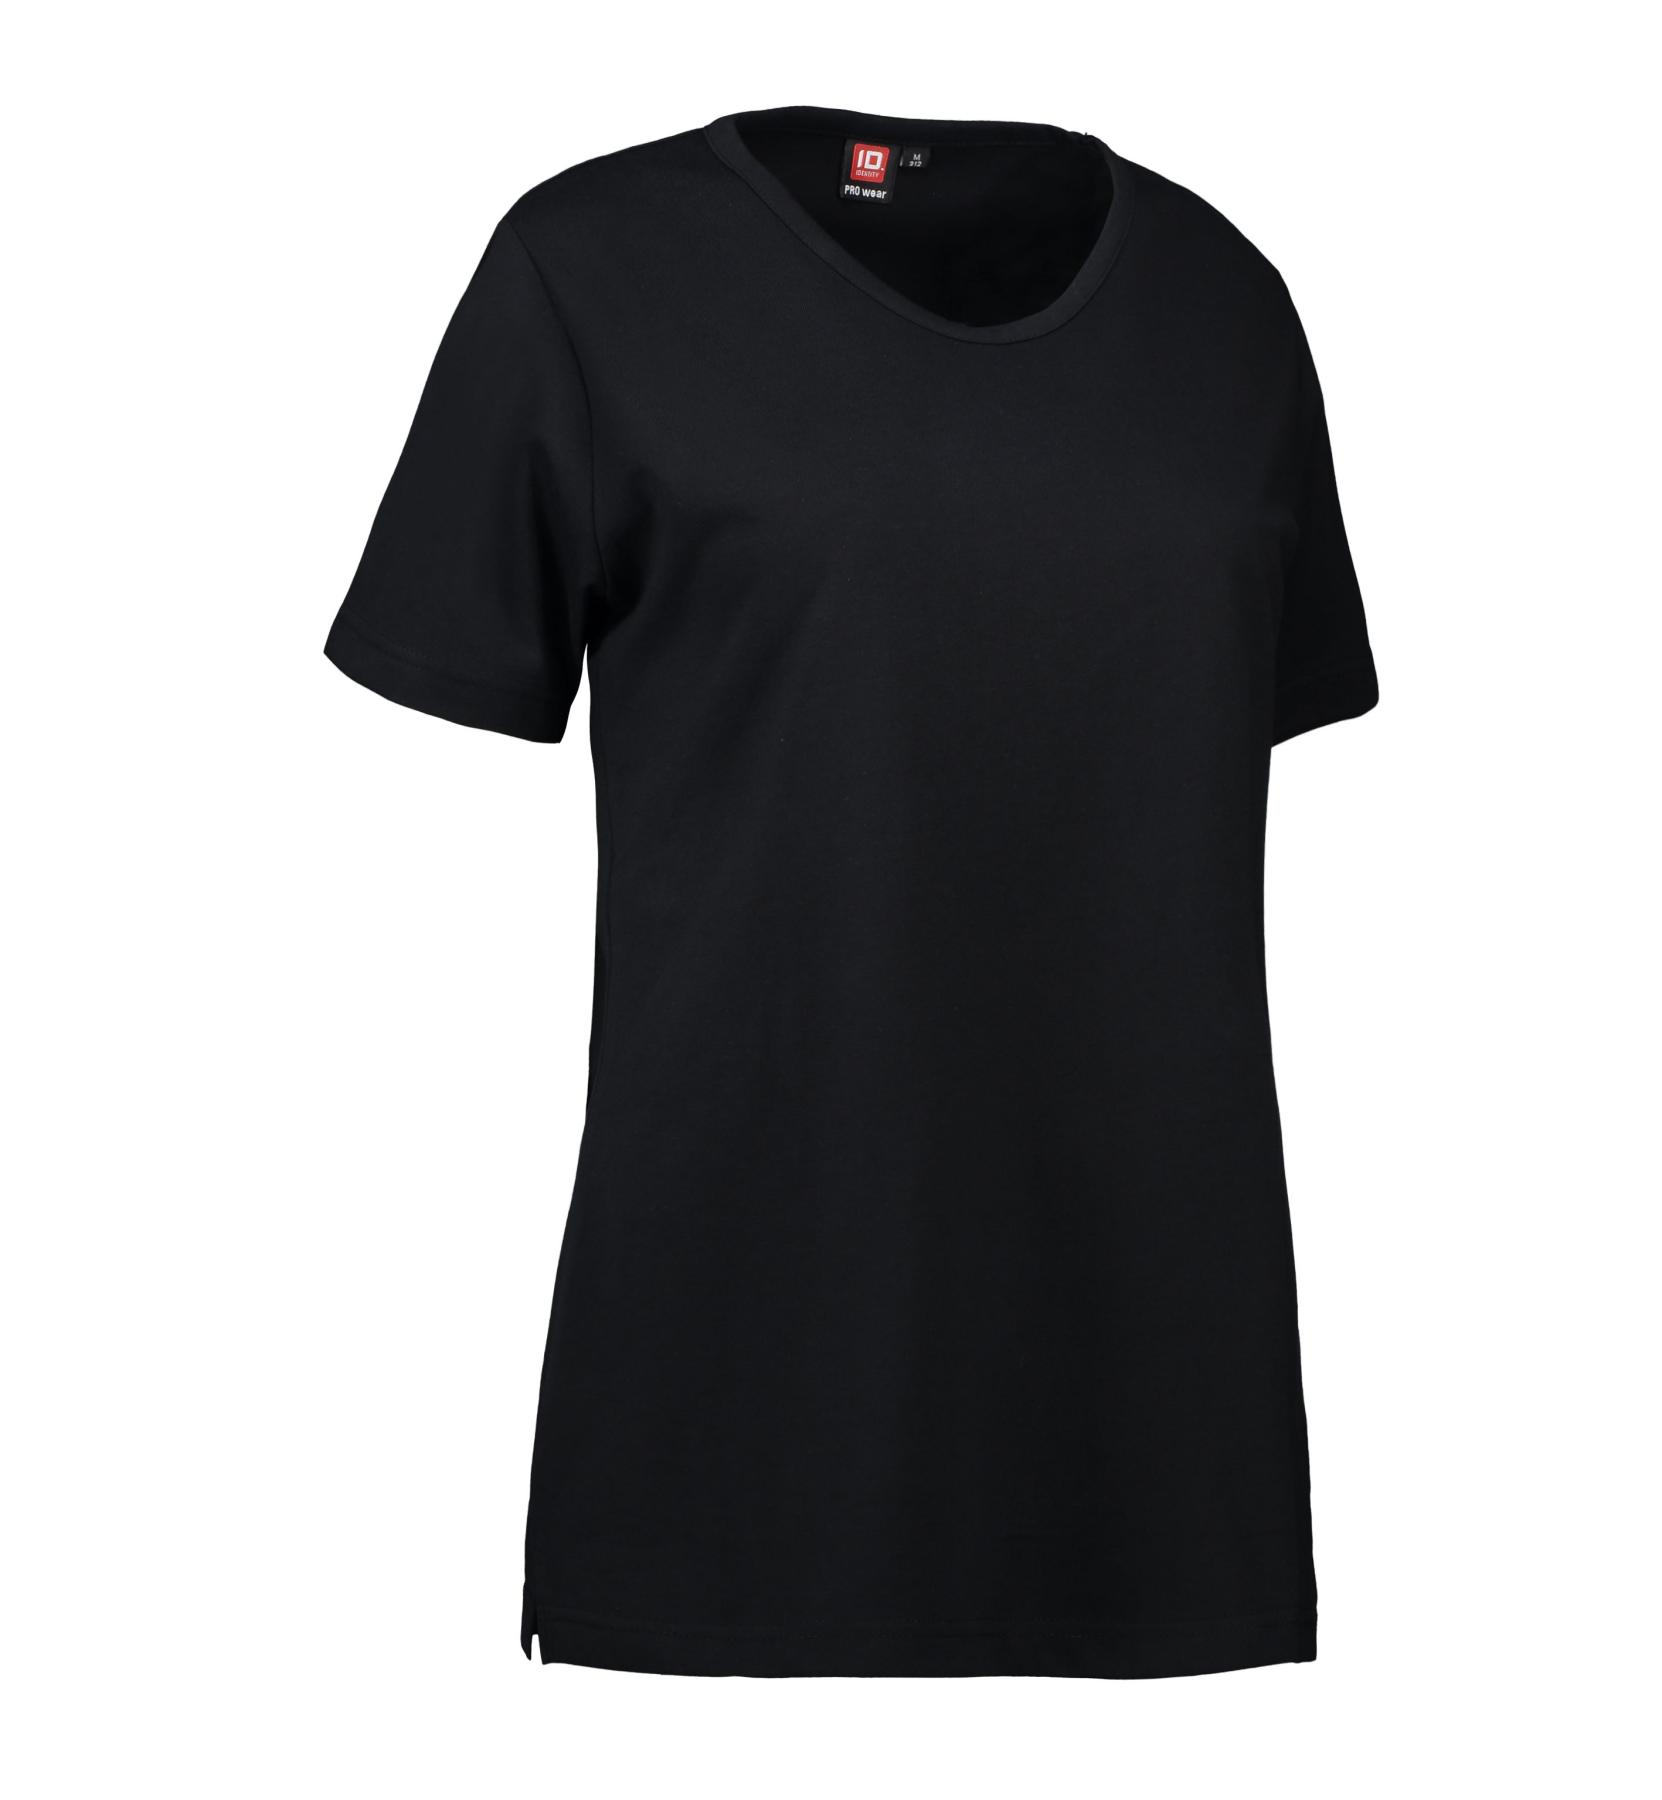 ID T-Shirt ProWear Damen